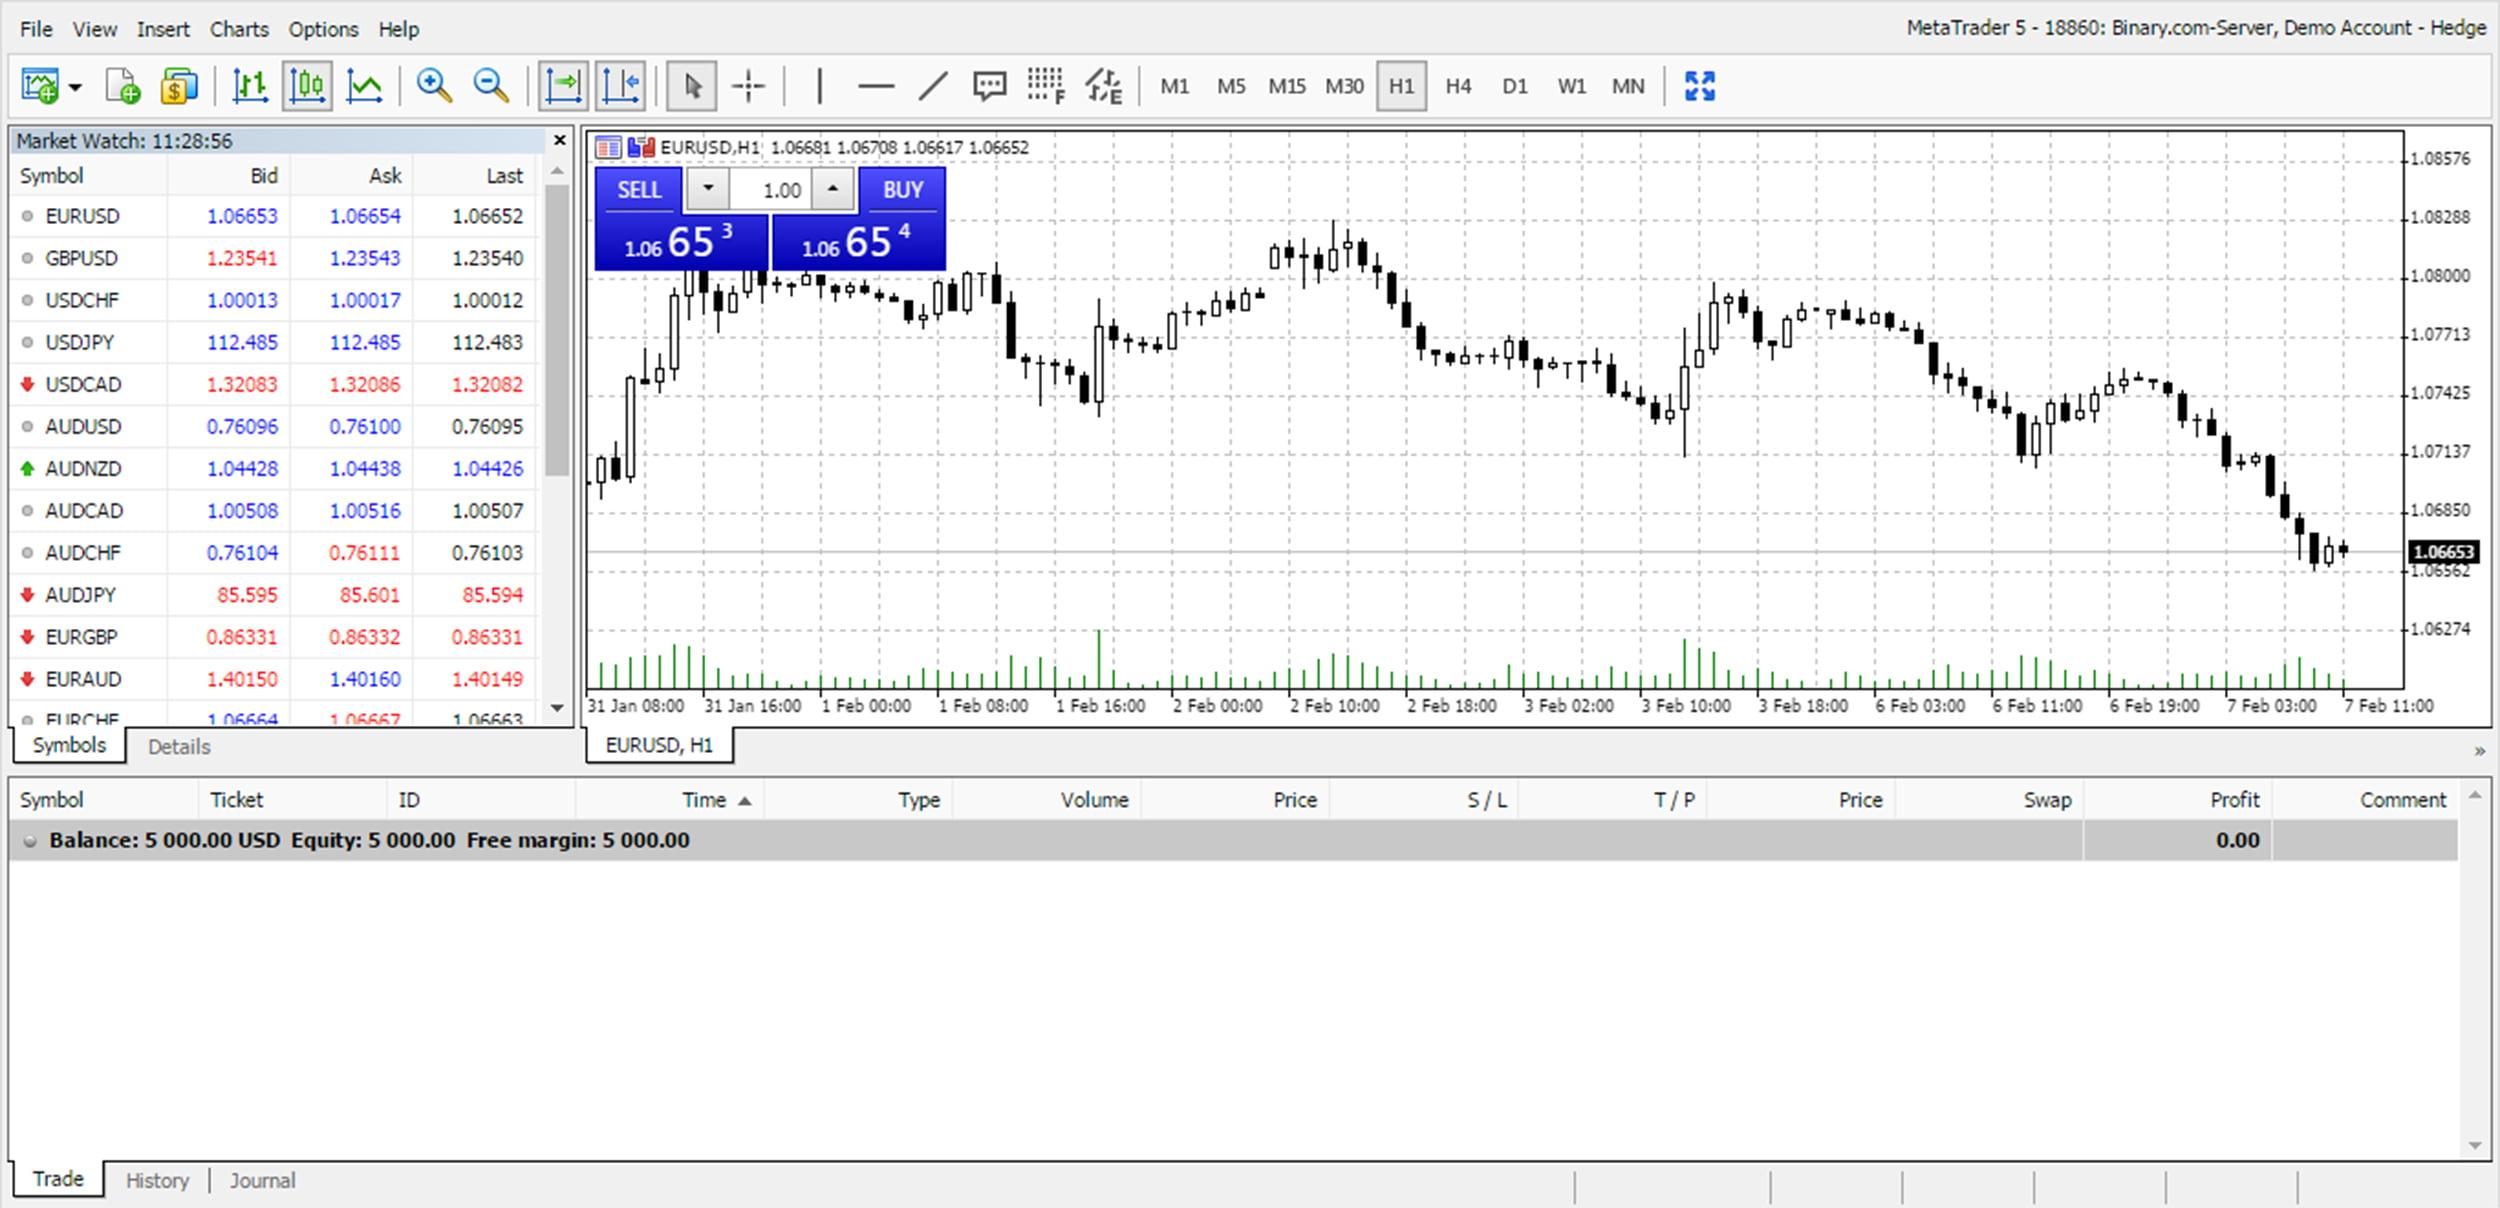 Установка Metatrader 5 для торговли бинарными опционами